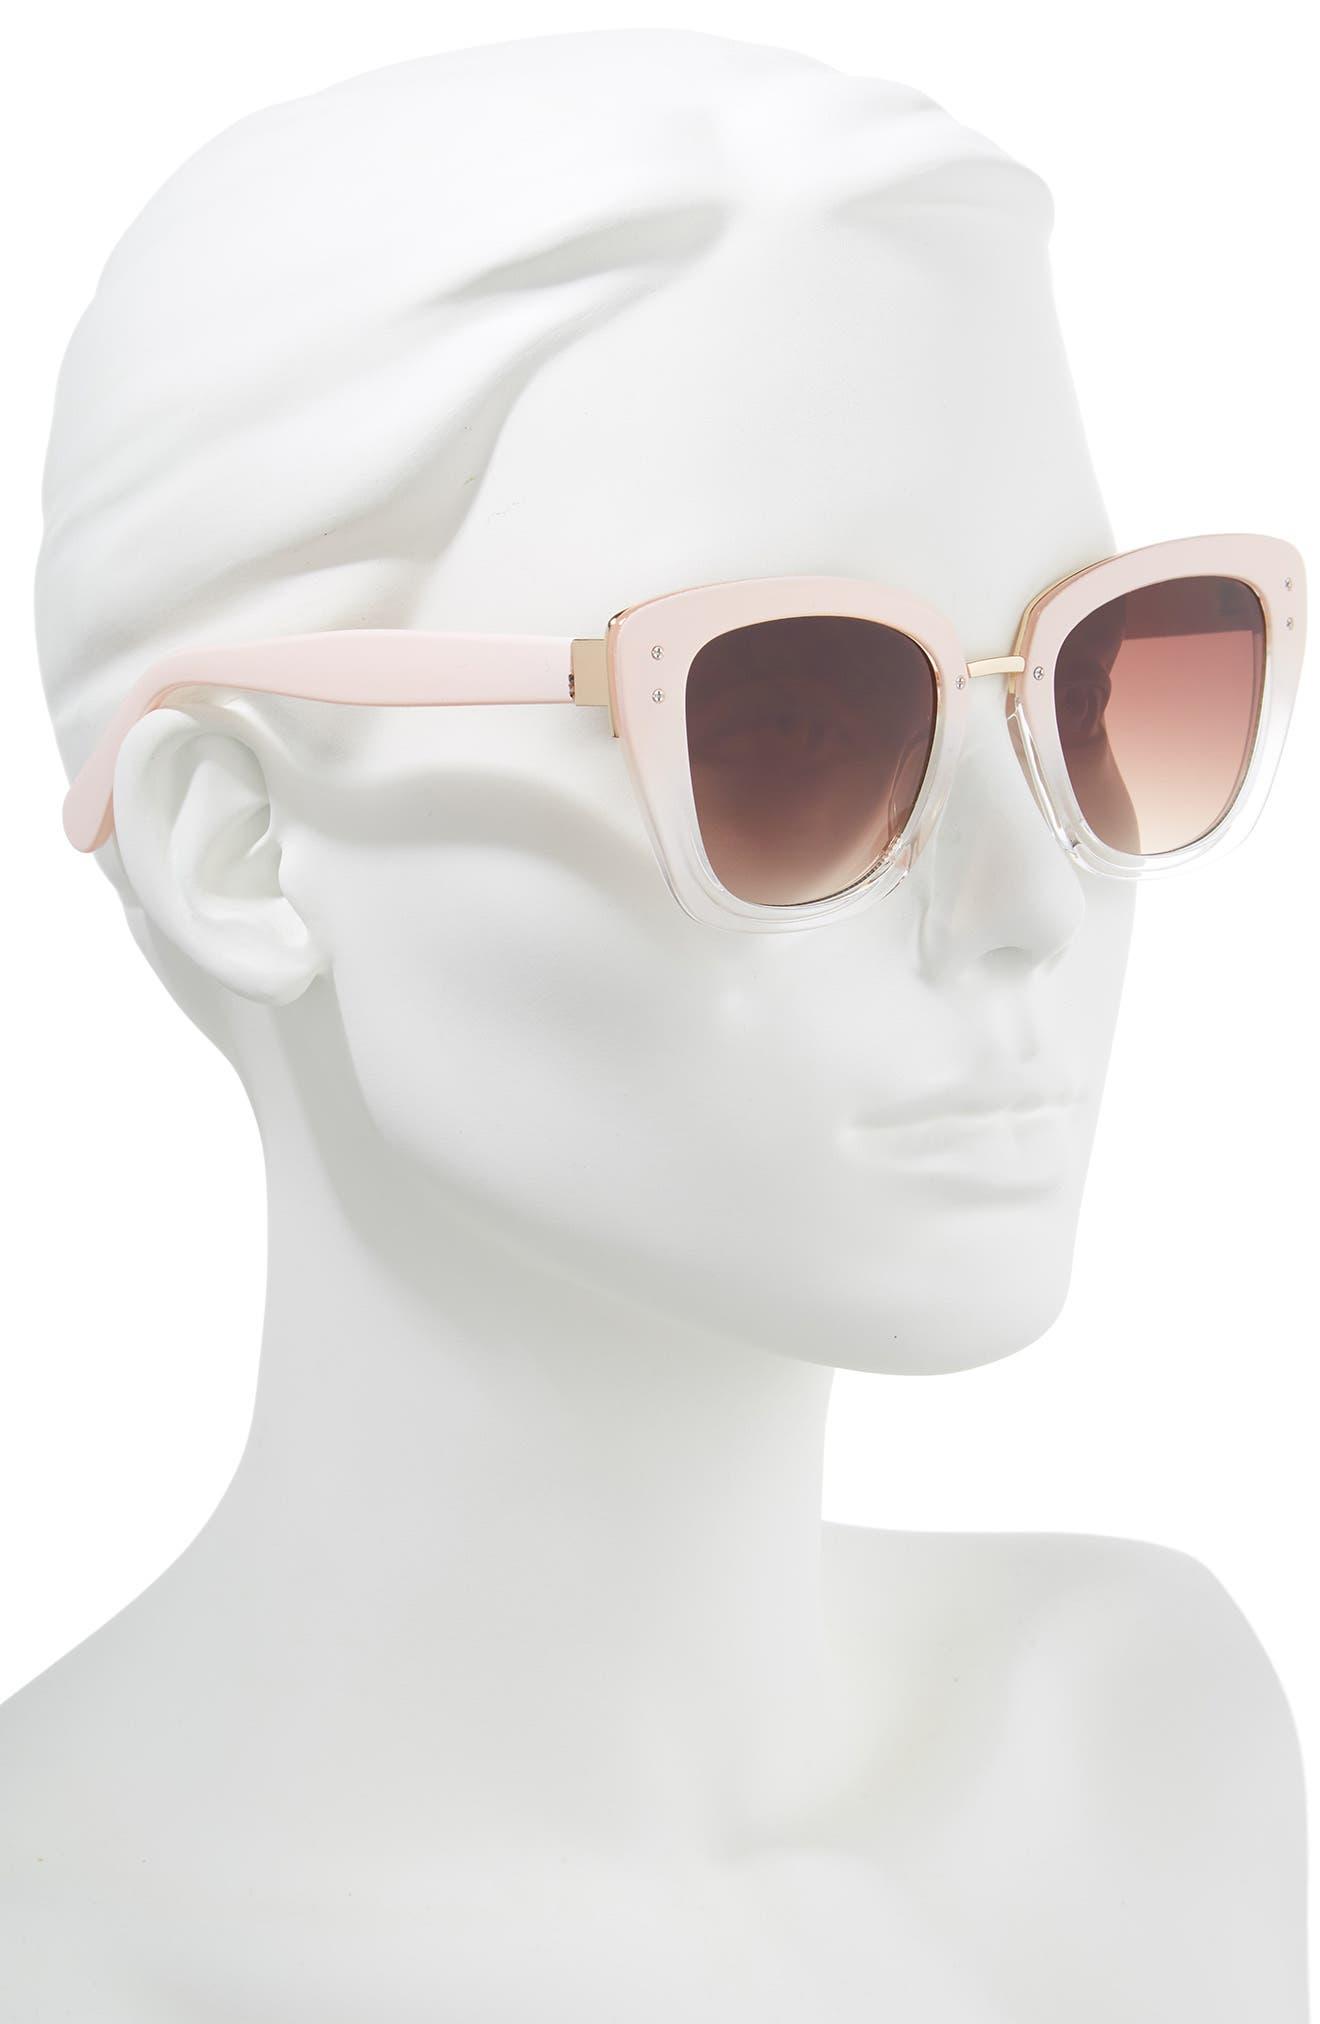 51mm Ombré Square Sunglasses,                             Alternate thumbnail 2, color,                             650